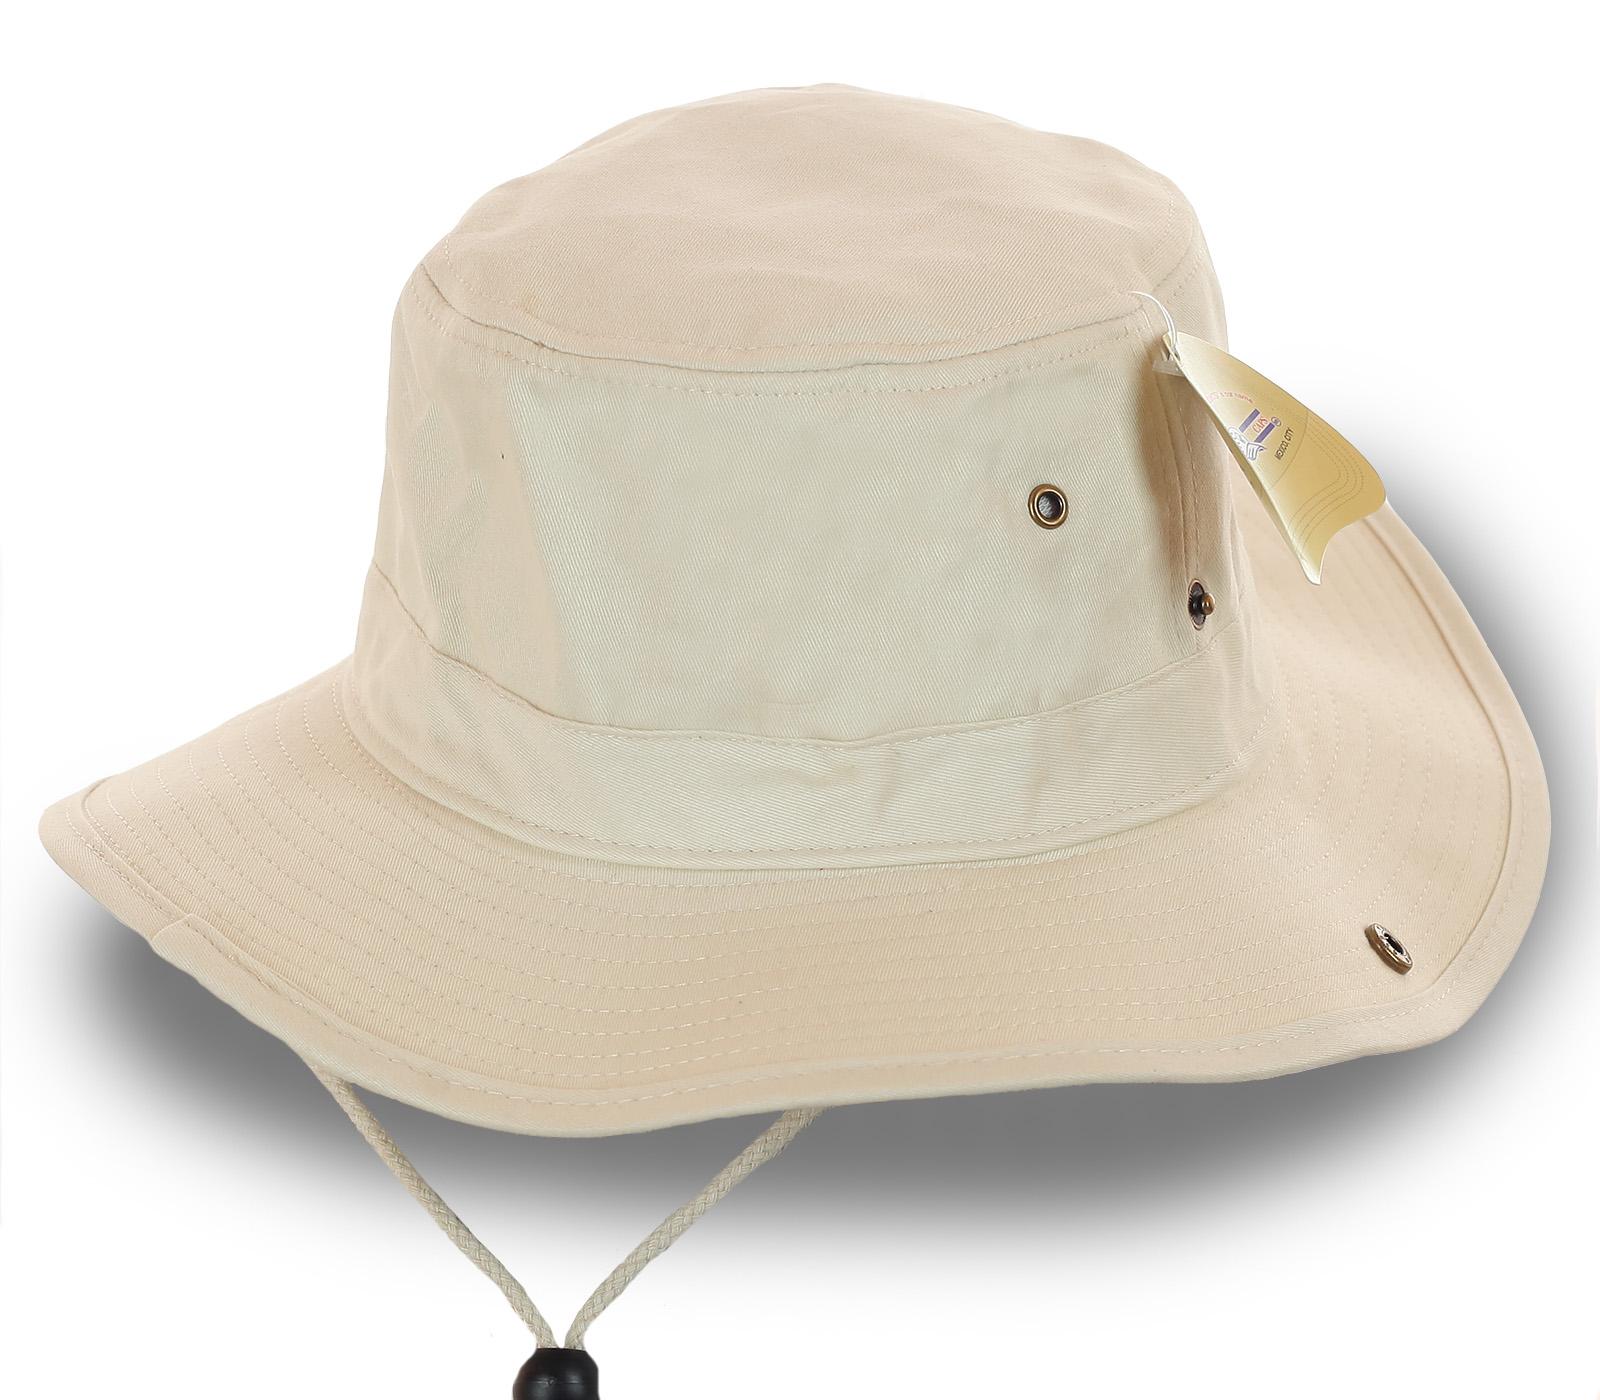 Купить мужские и женские шляпы в Саранске по сбалансированной цене